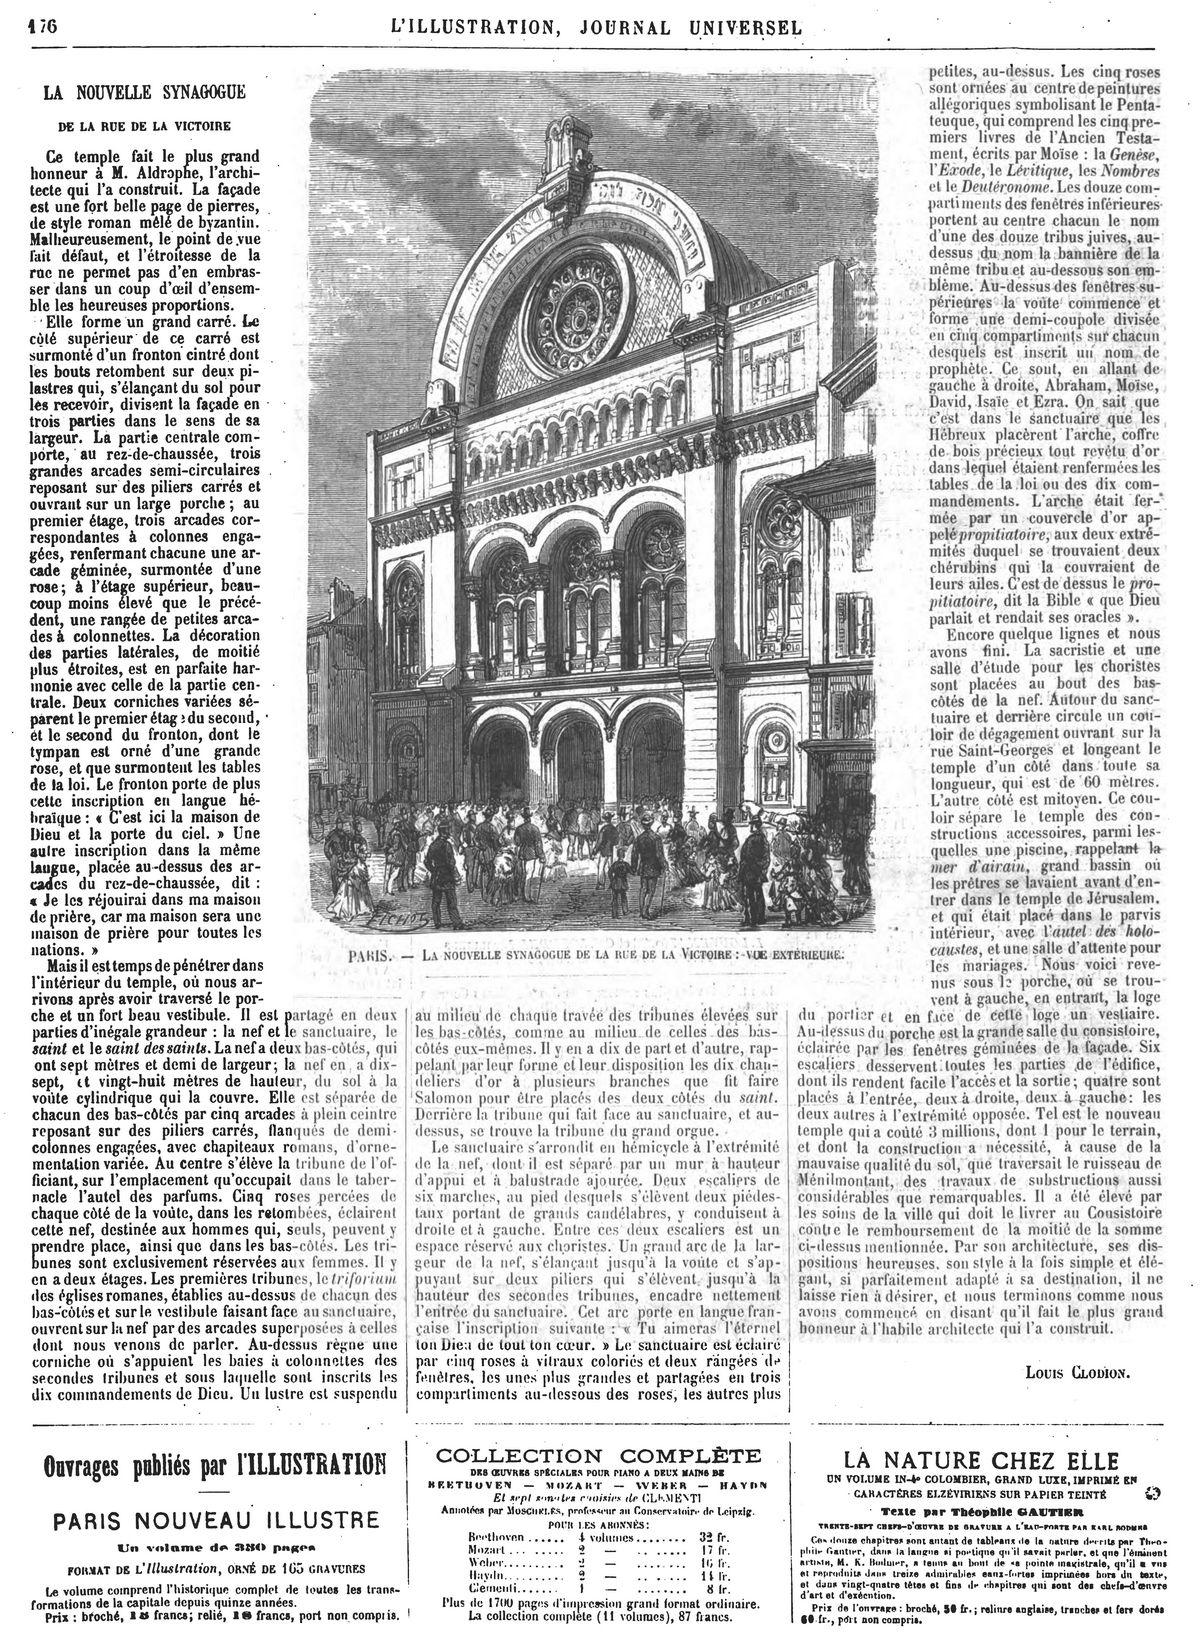 Paris : la nouvelle synagogue de la rue de la Victoire : vue extérieure. Gravures 1874